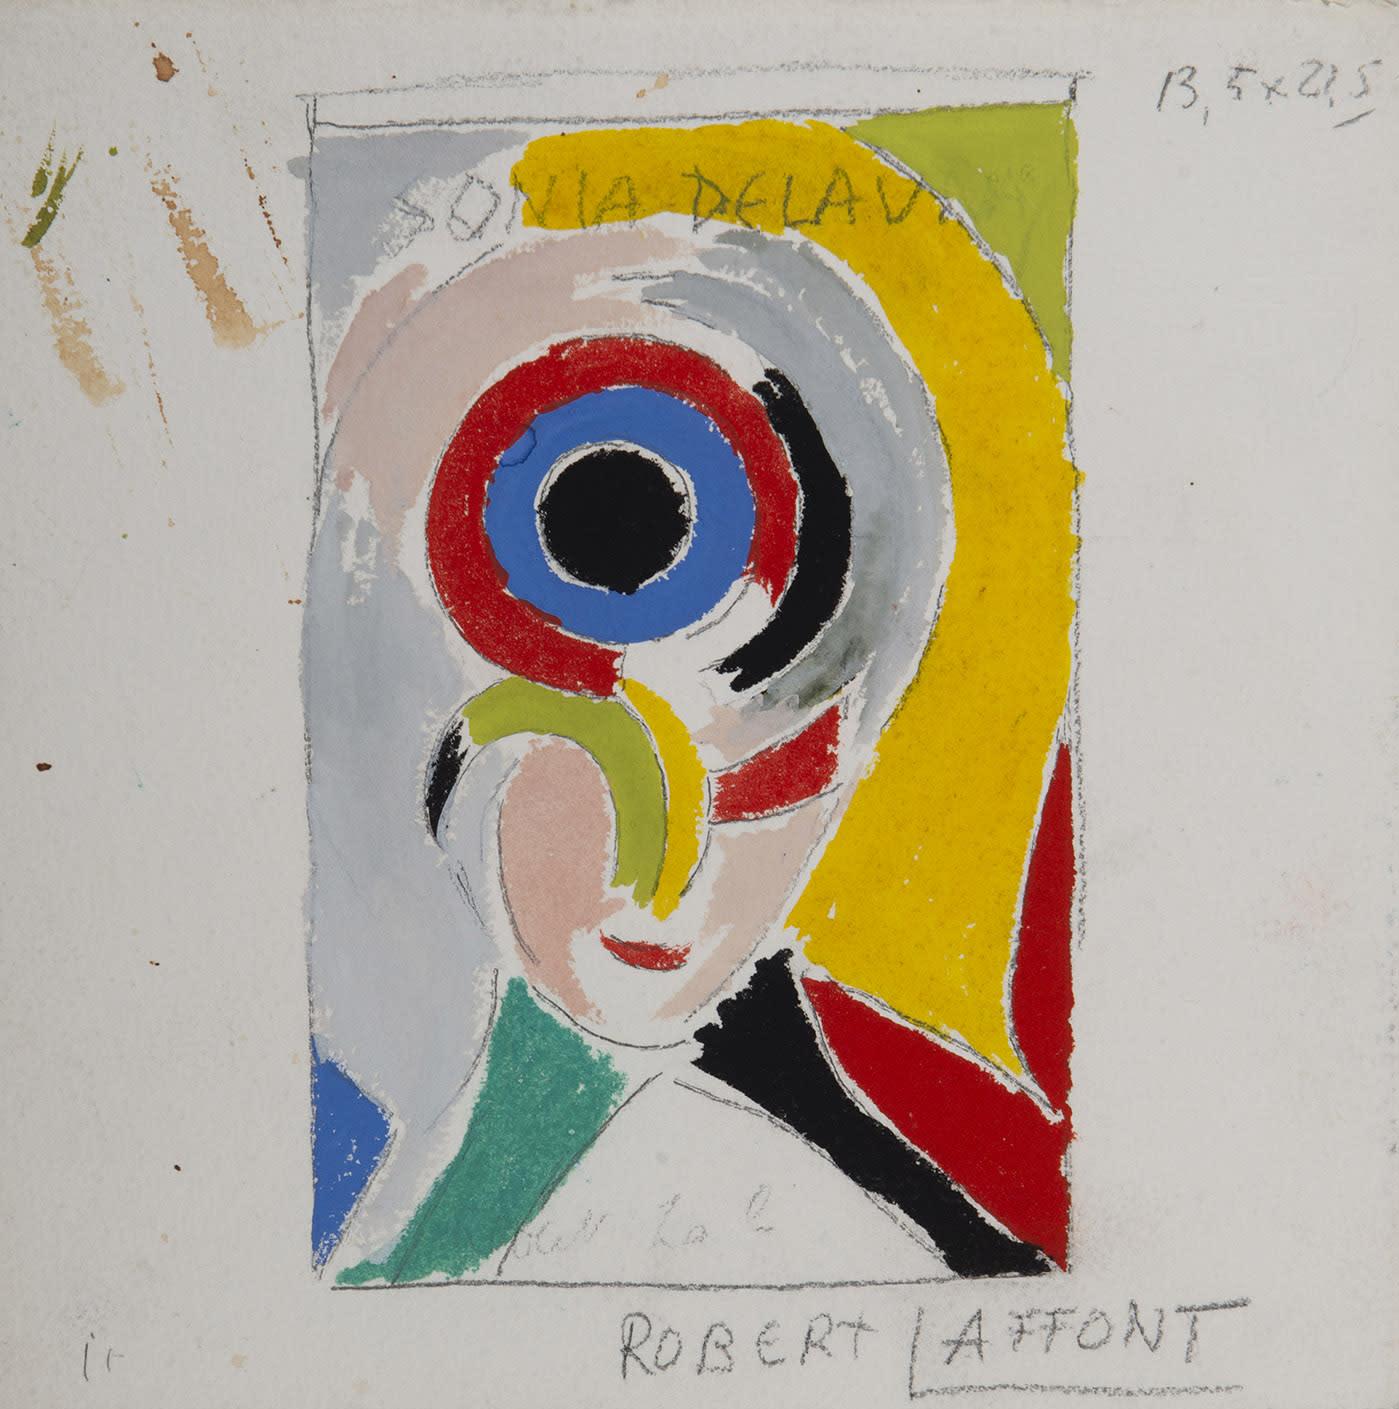 SONIA DELAUNAY, Autoportrait, 1978